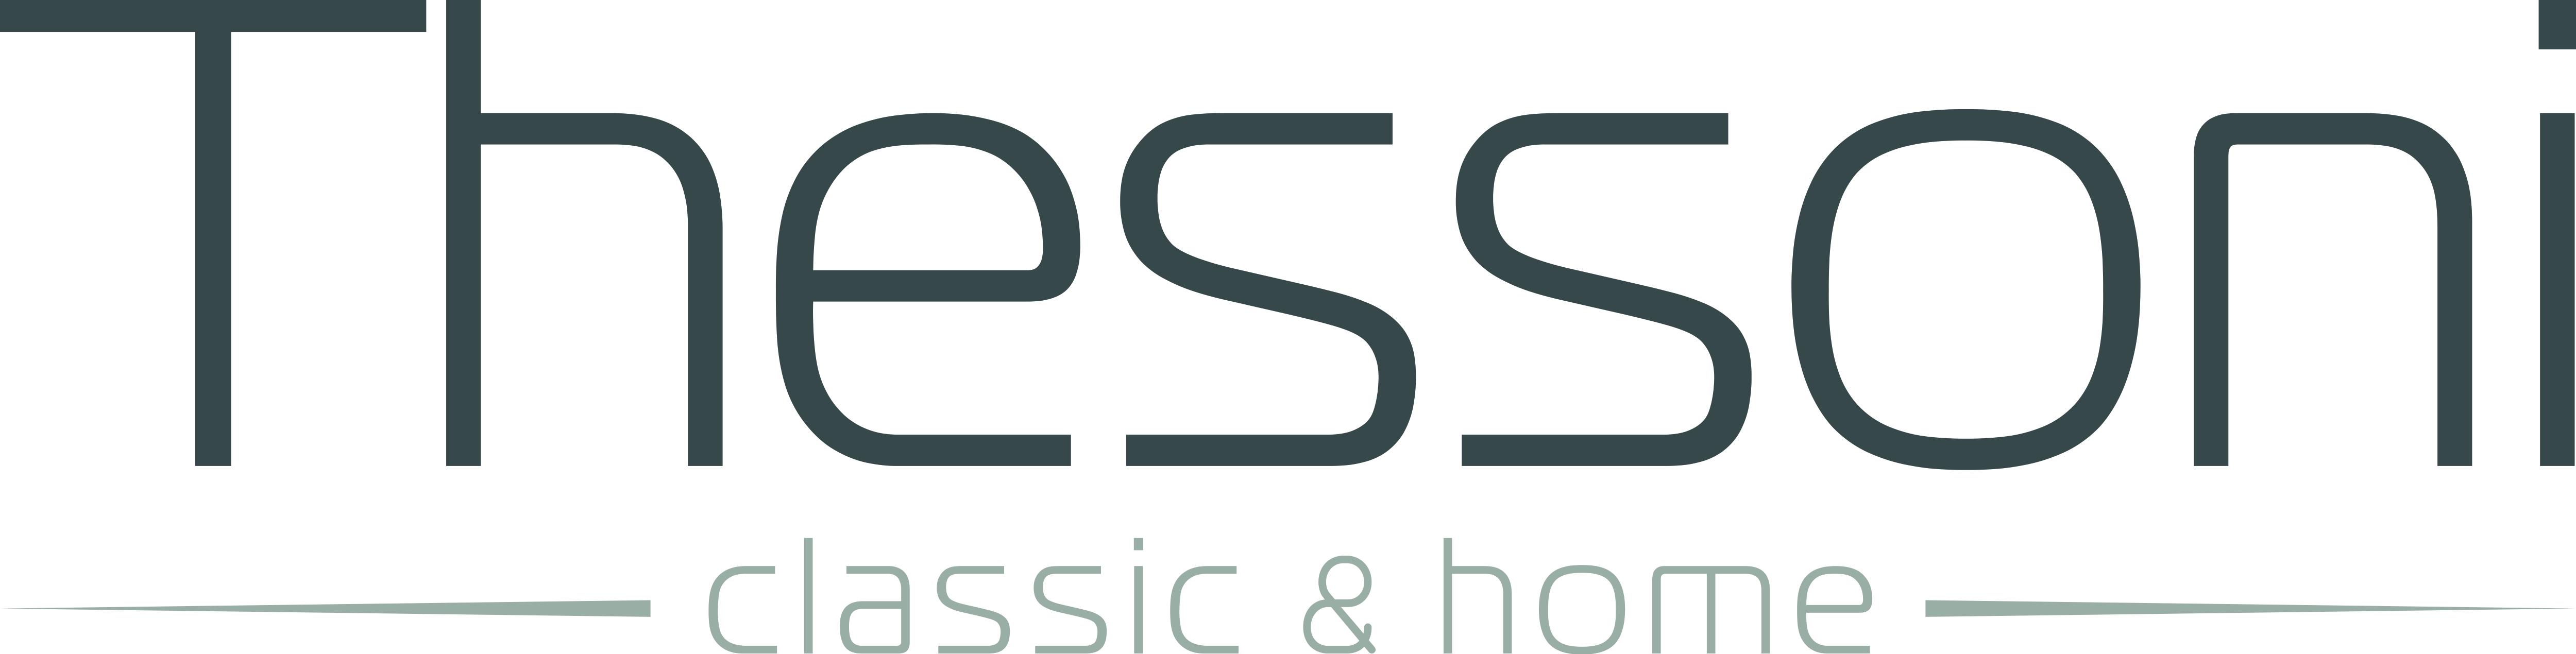 Thessoni classic & home